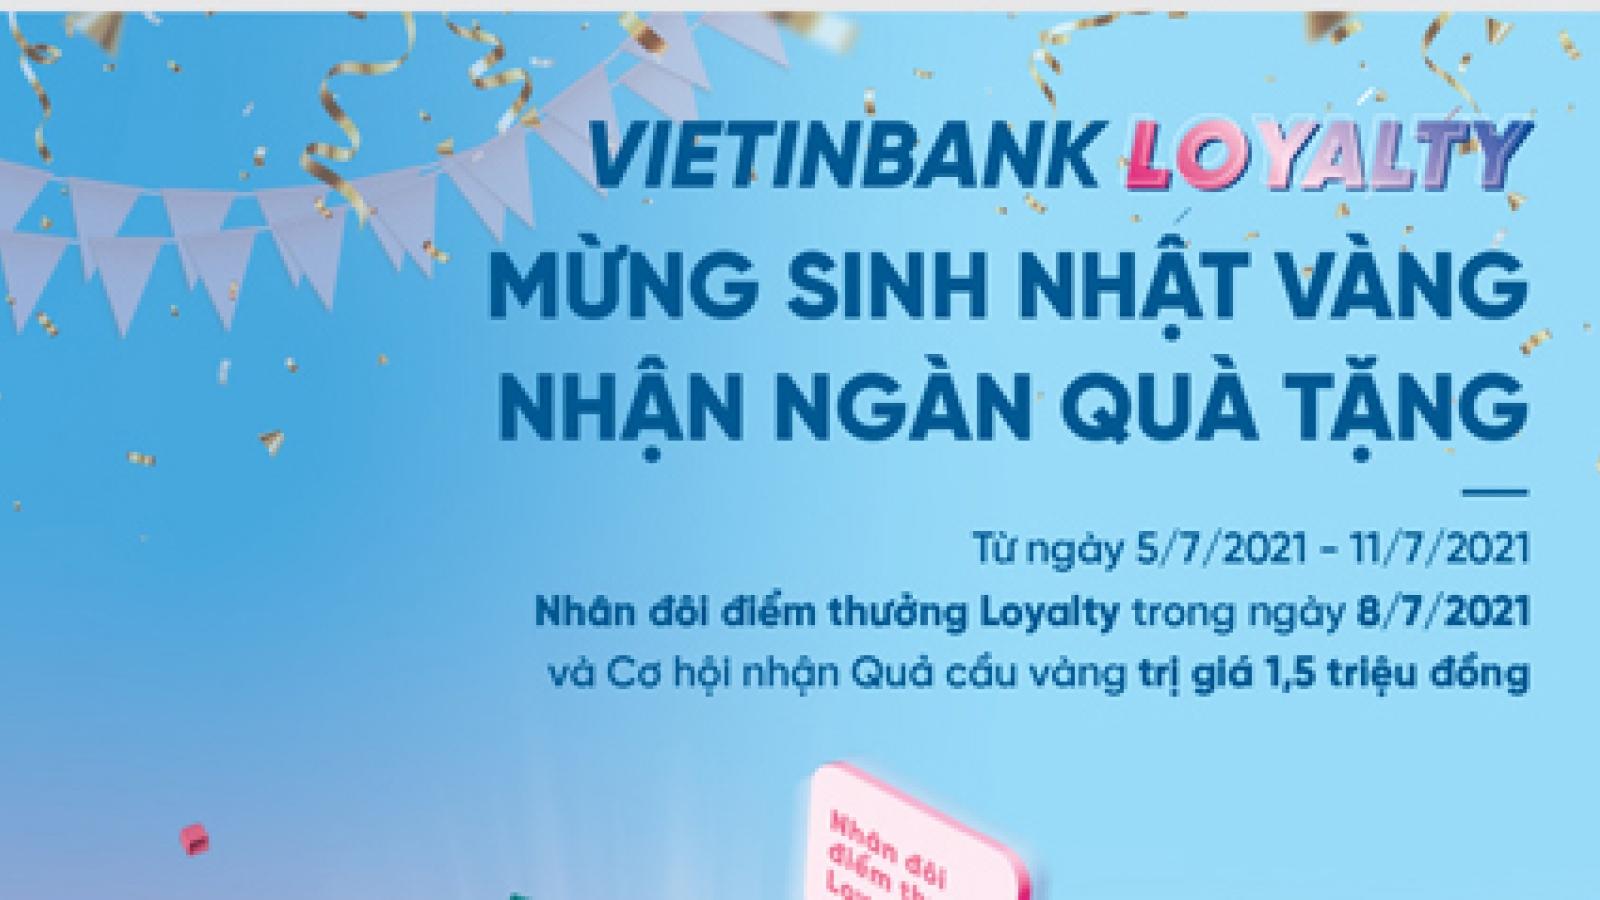 VietinBank Loyalty bùng nổ ưu đãi dịp sinh nhật ngân hàng